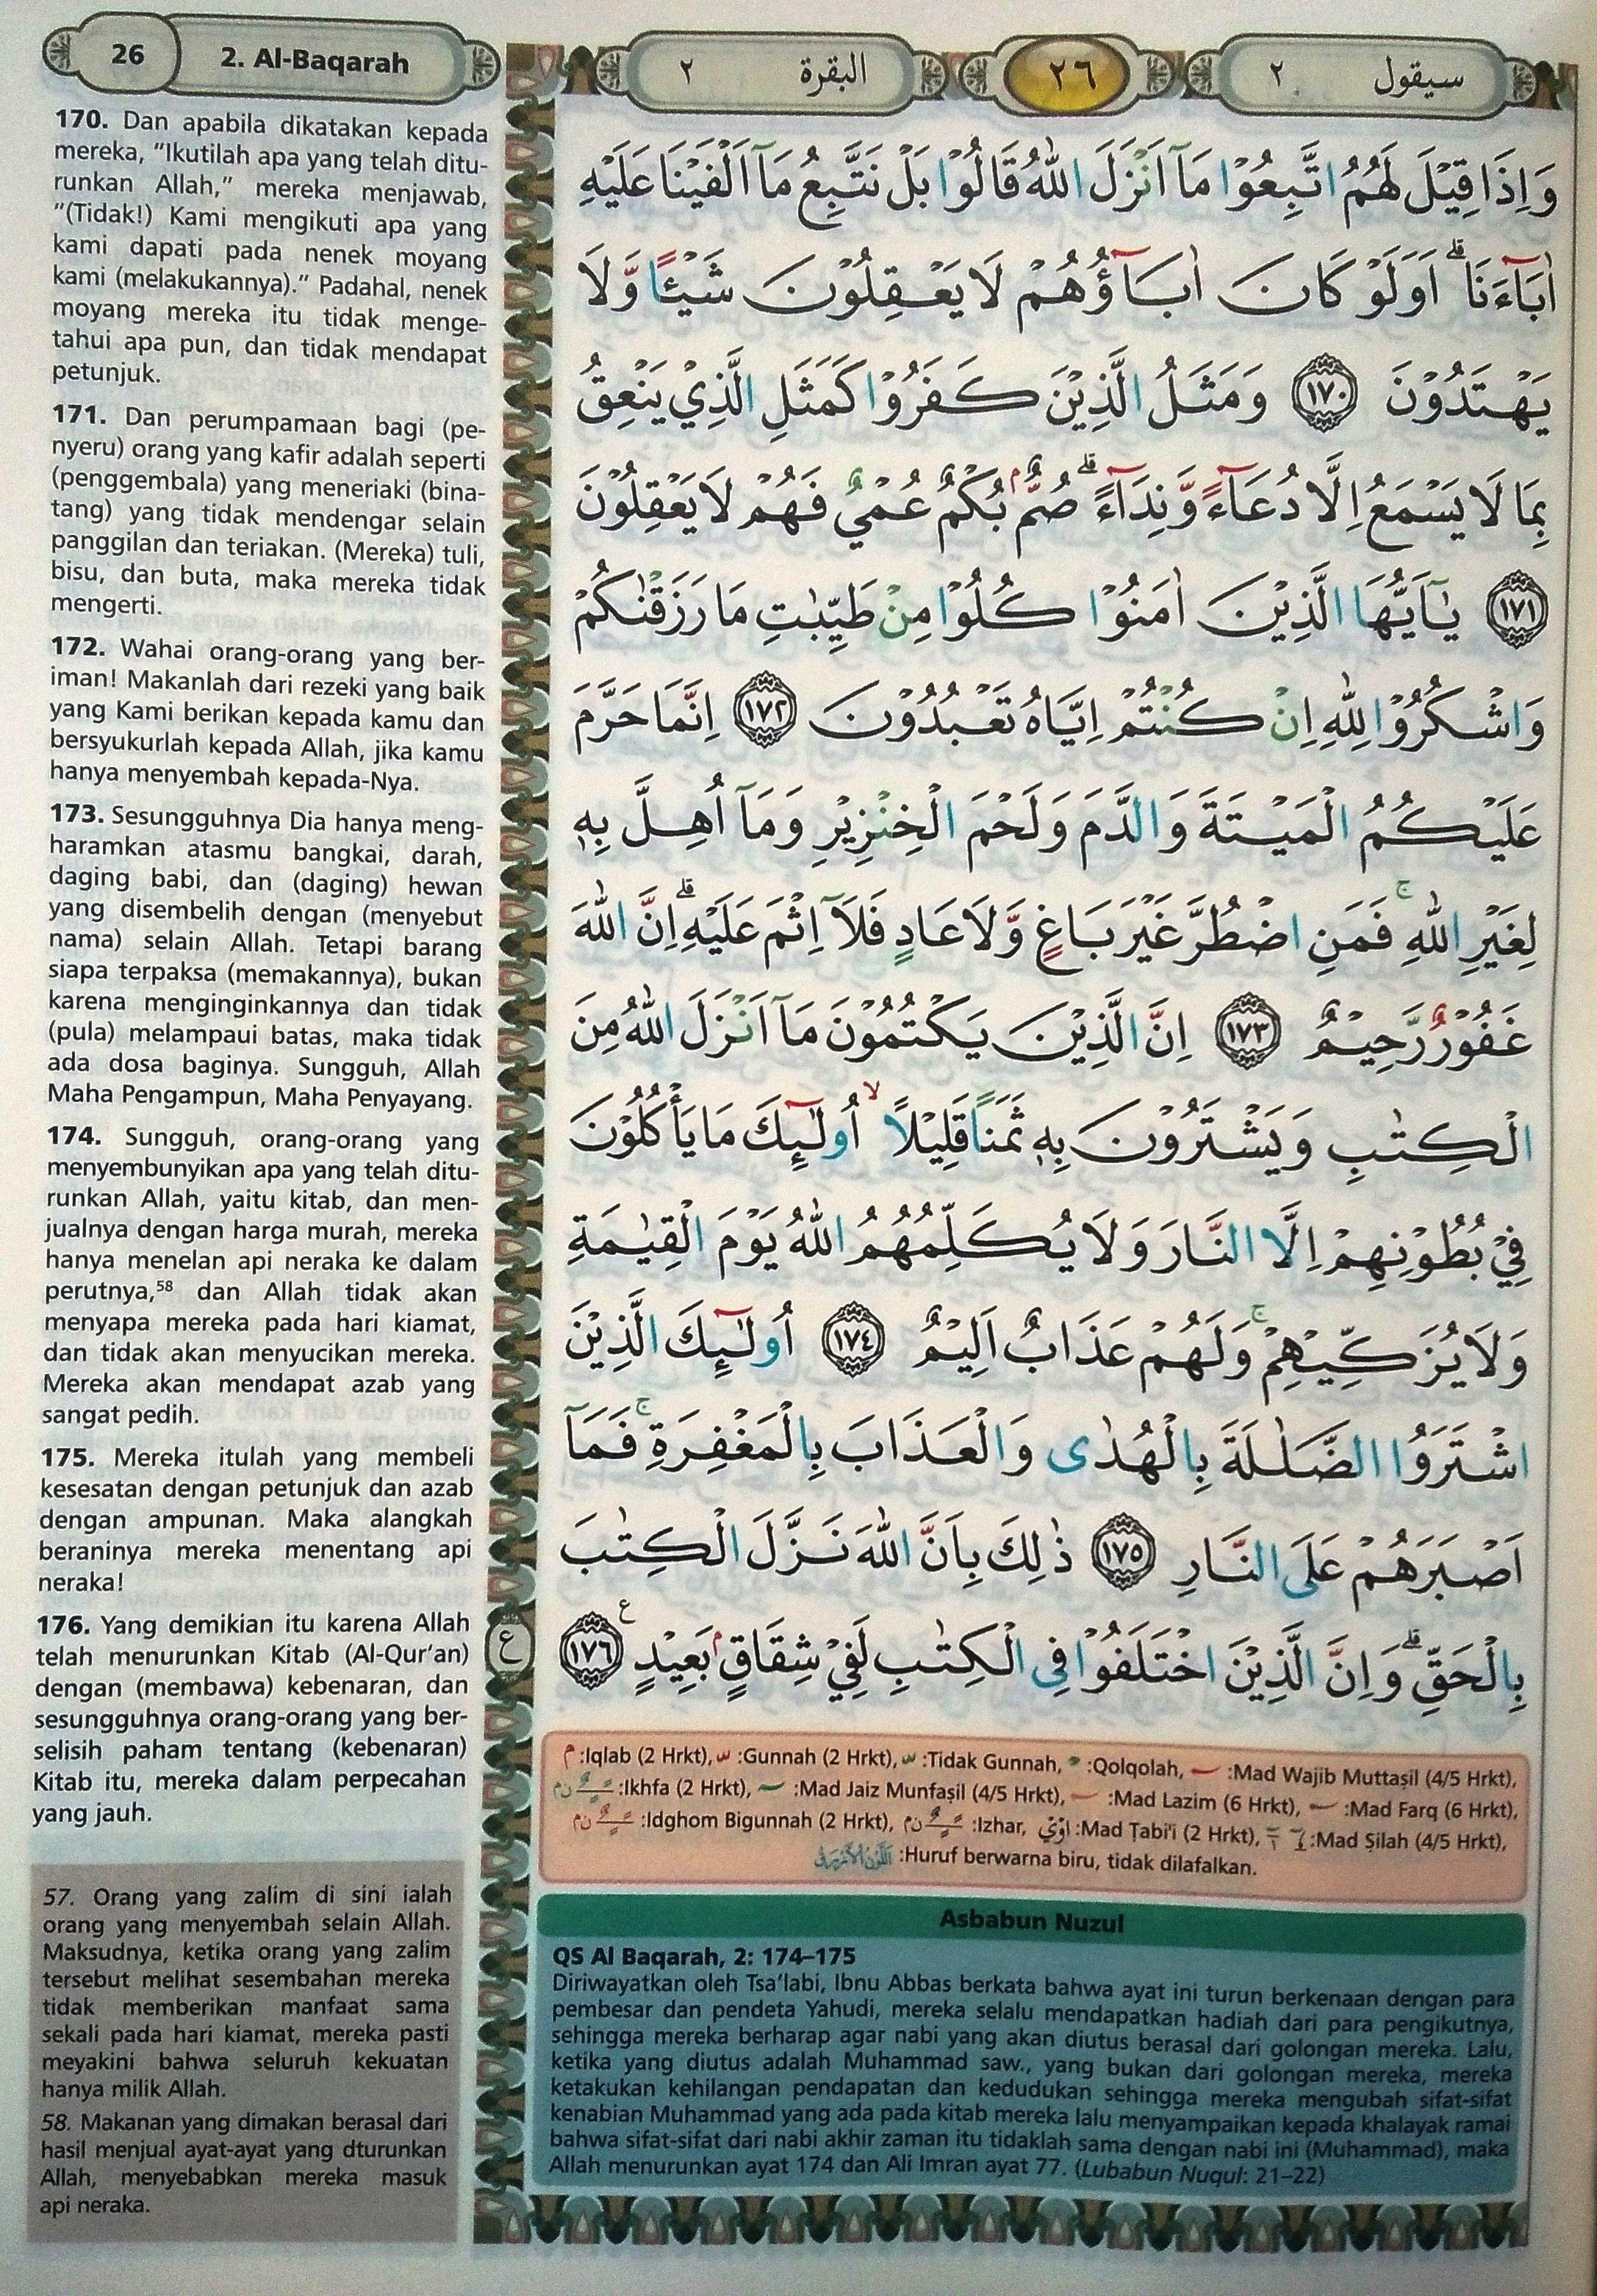 Surah Al Baqarah Beserta Tajwid : surah, baqarah, beserta, tajwid, Baqarah, 170-176, (Hal., Quran, Tajwid, Terjemahan